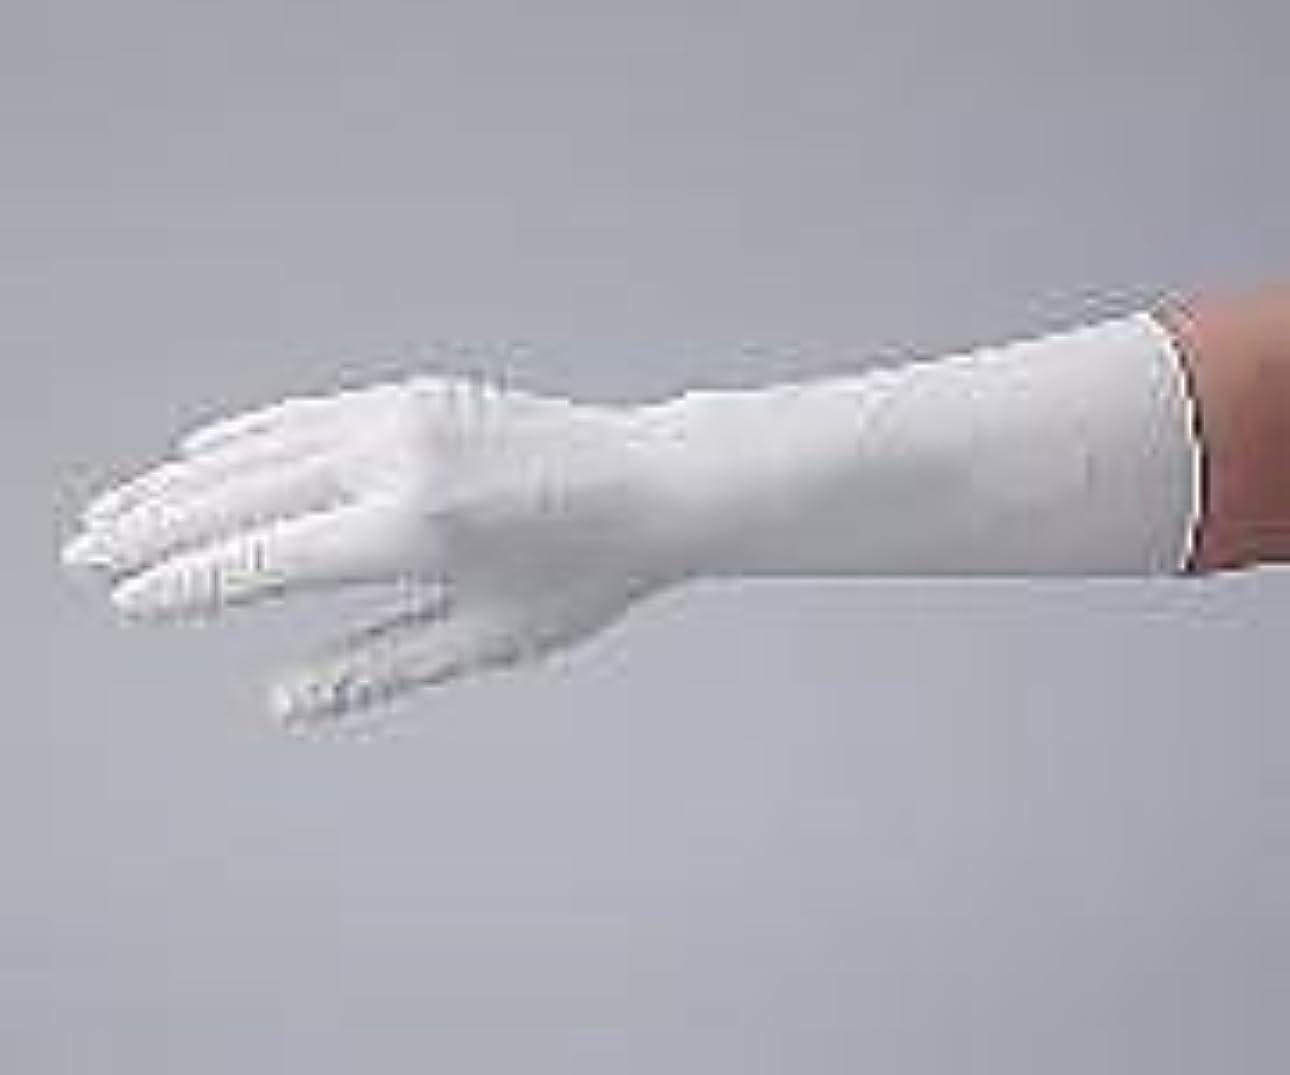 苦情文句冒険落とし穴アズピュア(アズワン)1-2324-51アズピュアクリーンファーストニトリル手袋(ペアタイプ)クリーンパックXS左右各50枚×10袋入